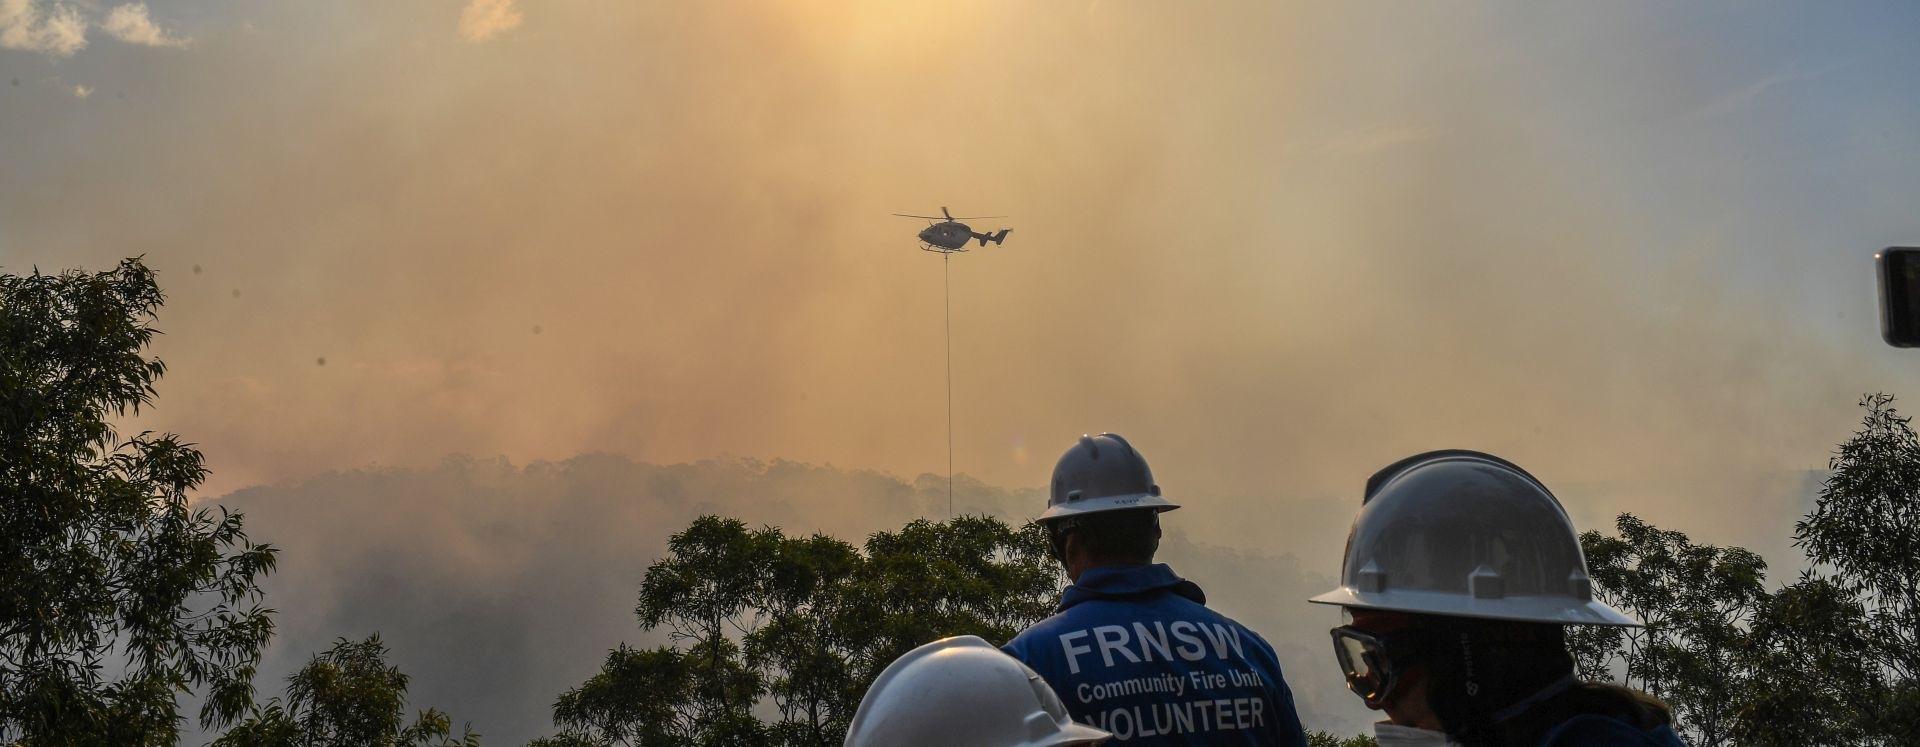 Šumski požar bjesni nedaleko od Sydneyja